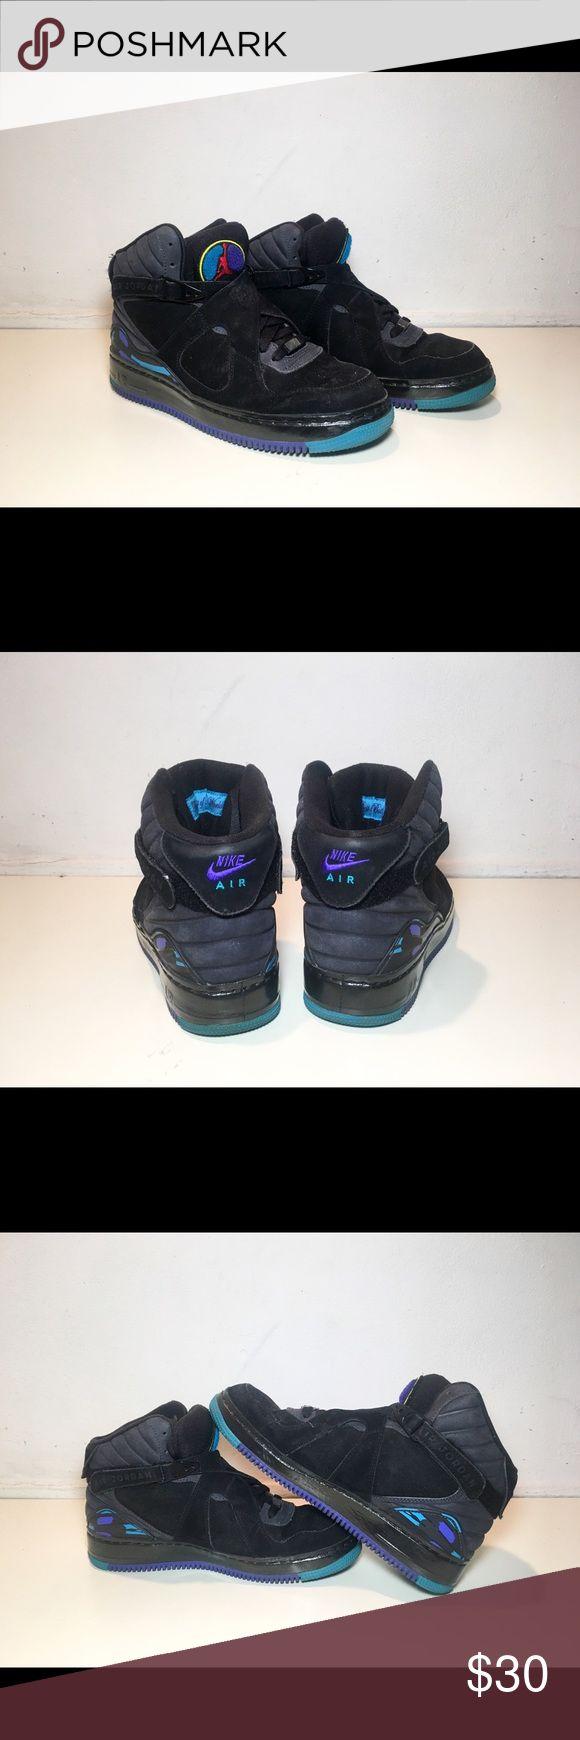 Air Jordan 8 Aqua Fusion - Men 8.5 Worn very few times. No major damage very clean shoes 100% Authentic Jordan Shoes Athletic Shoes